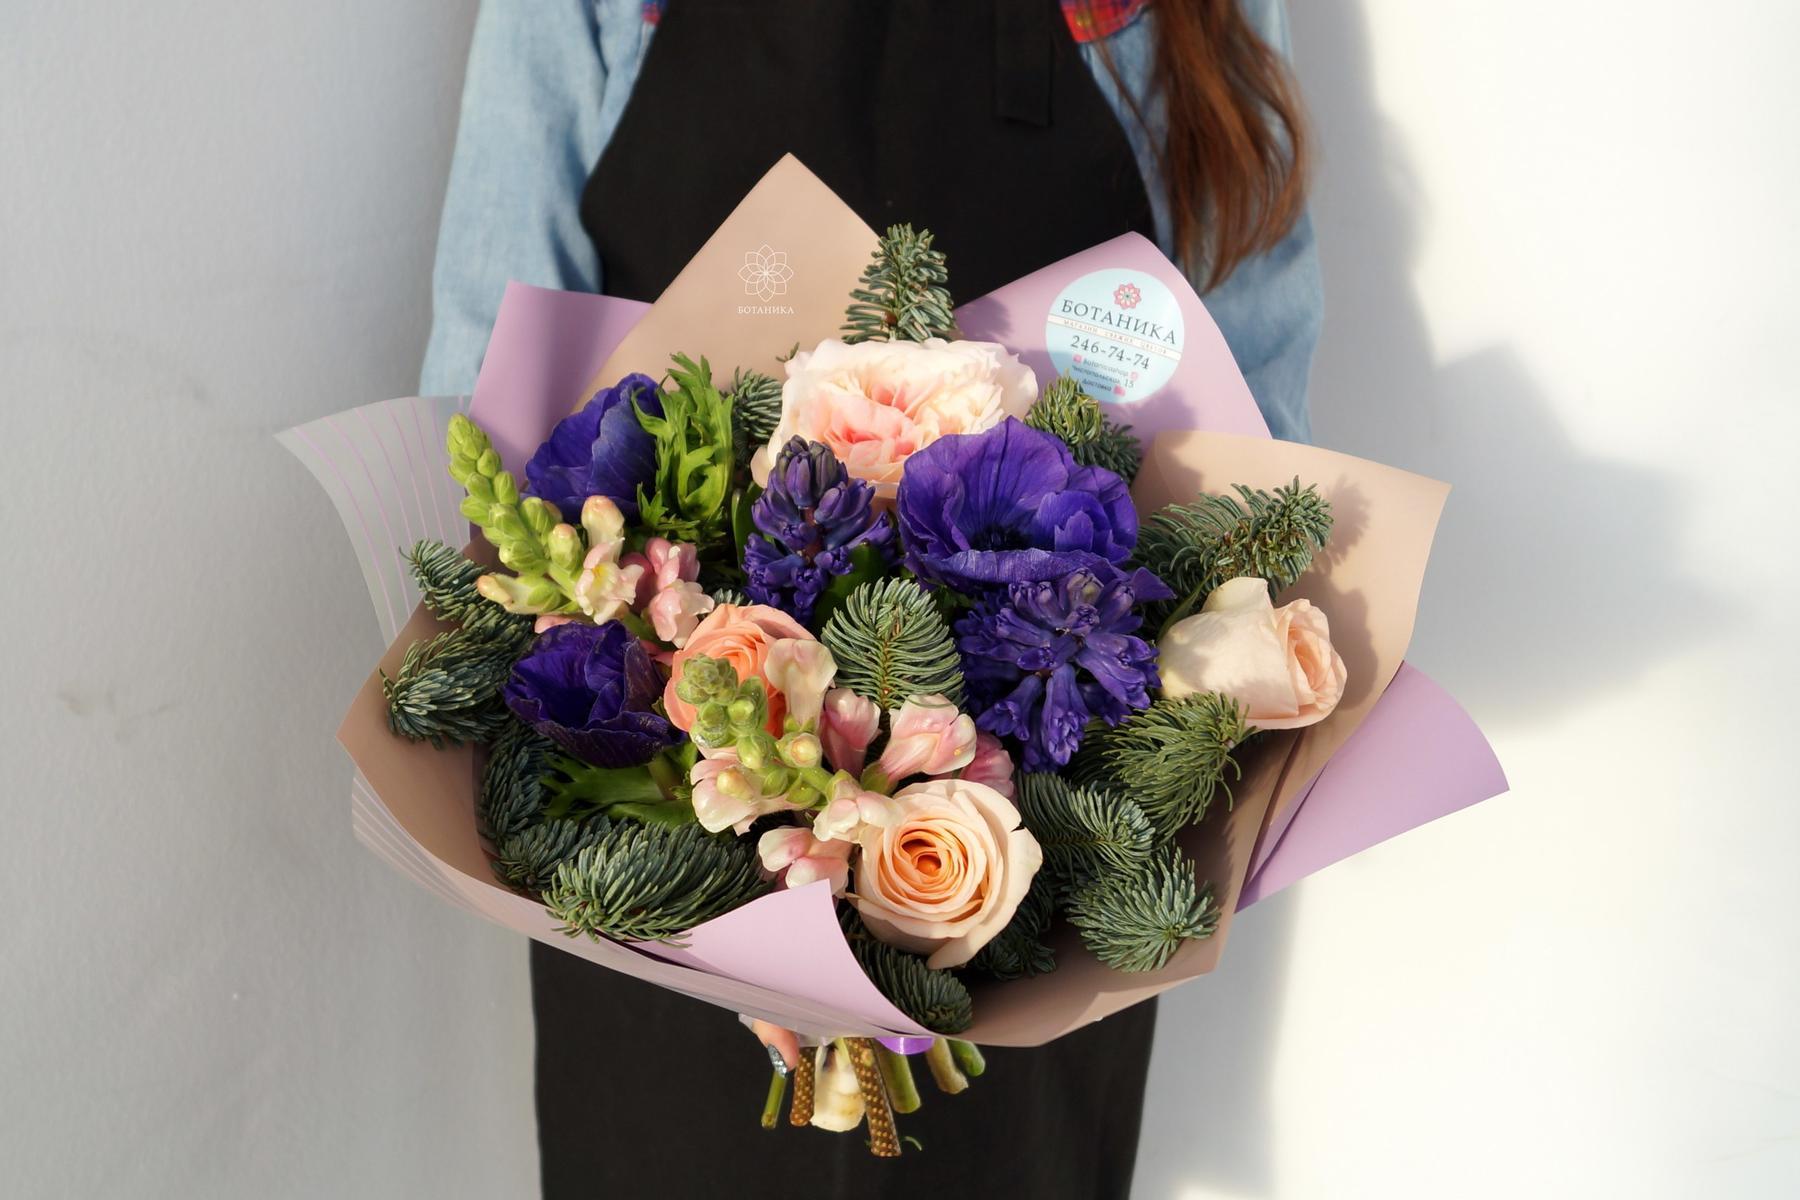 Цветы на новый год, букет на новый год с доставкой по казани